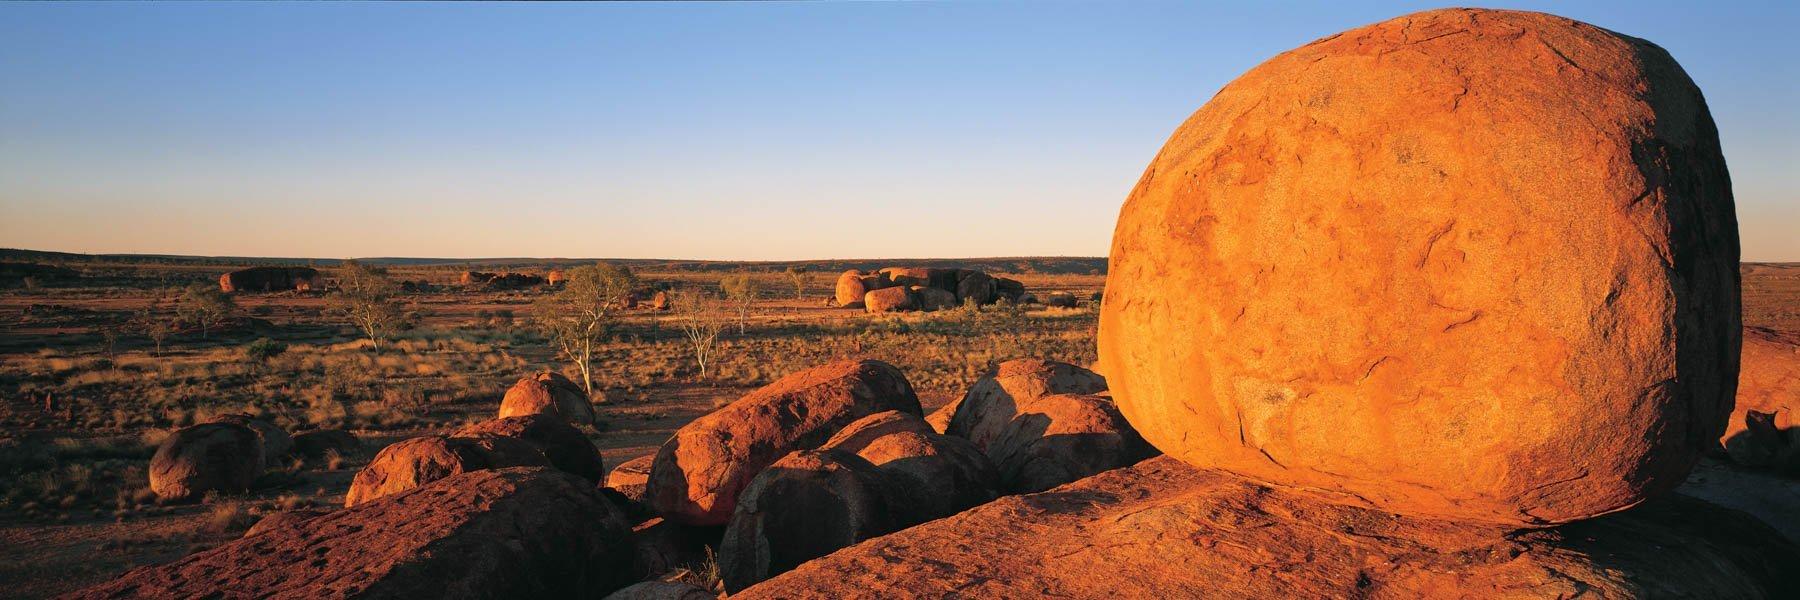 The Devil's Marbles, NT, Australia.